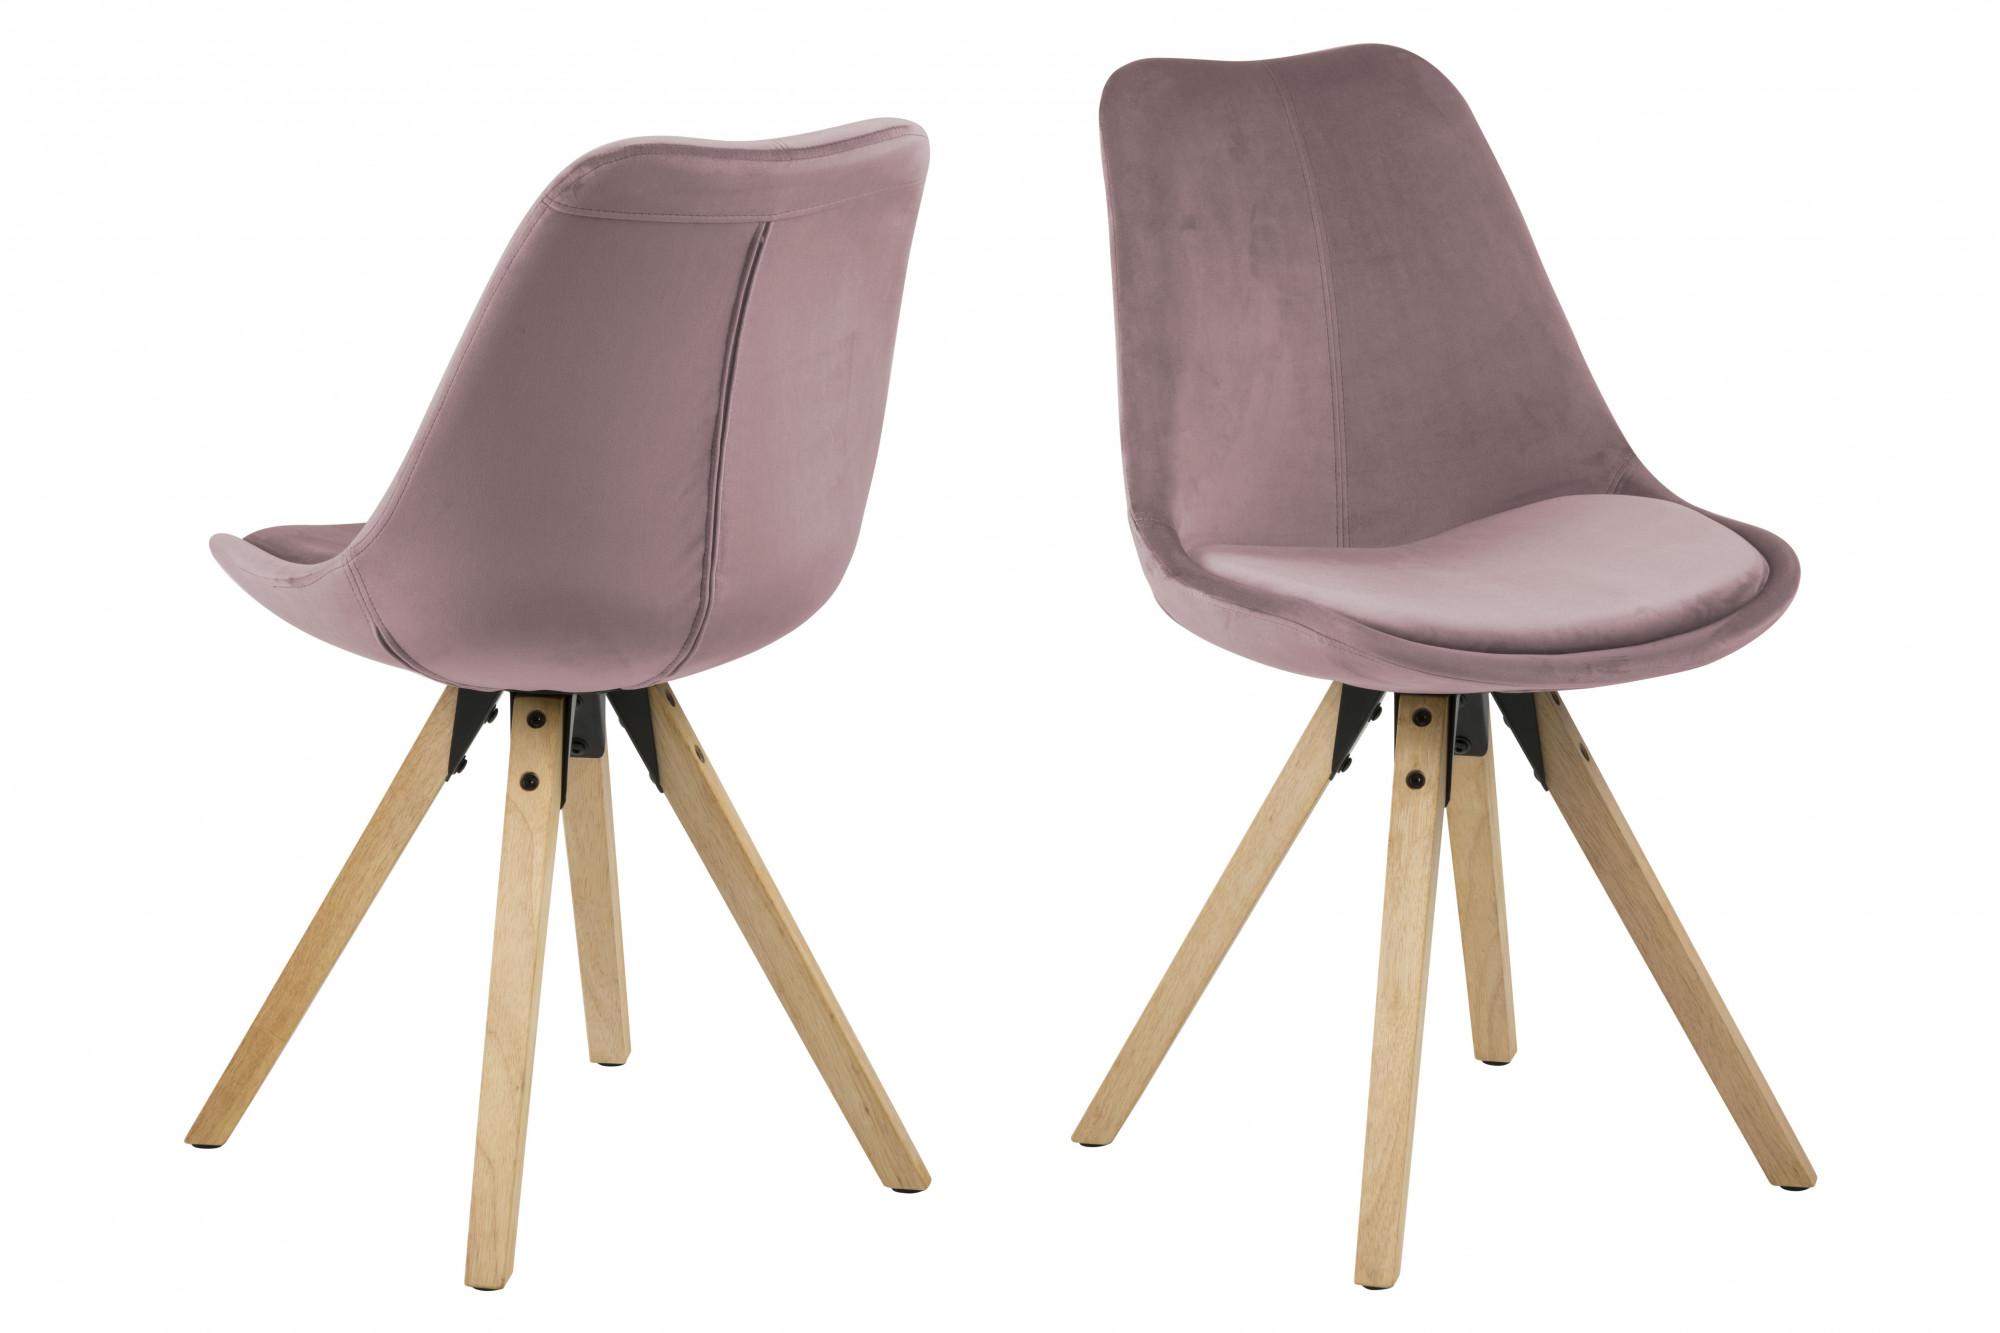 Quel Tissu Pour Chaise lot de 2 chaises moderne bois et en suedine - hellin